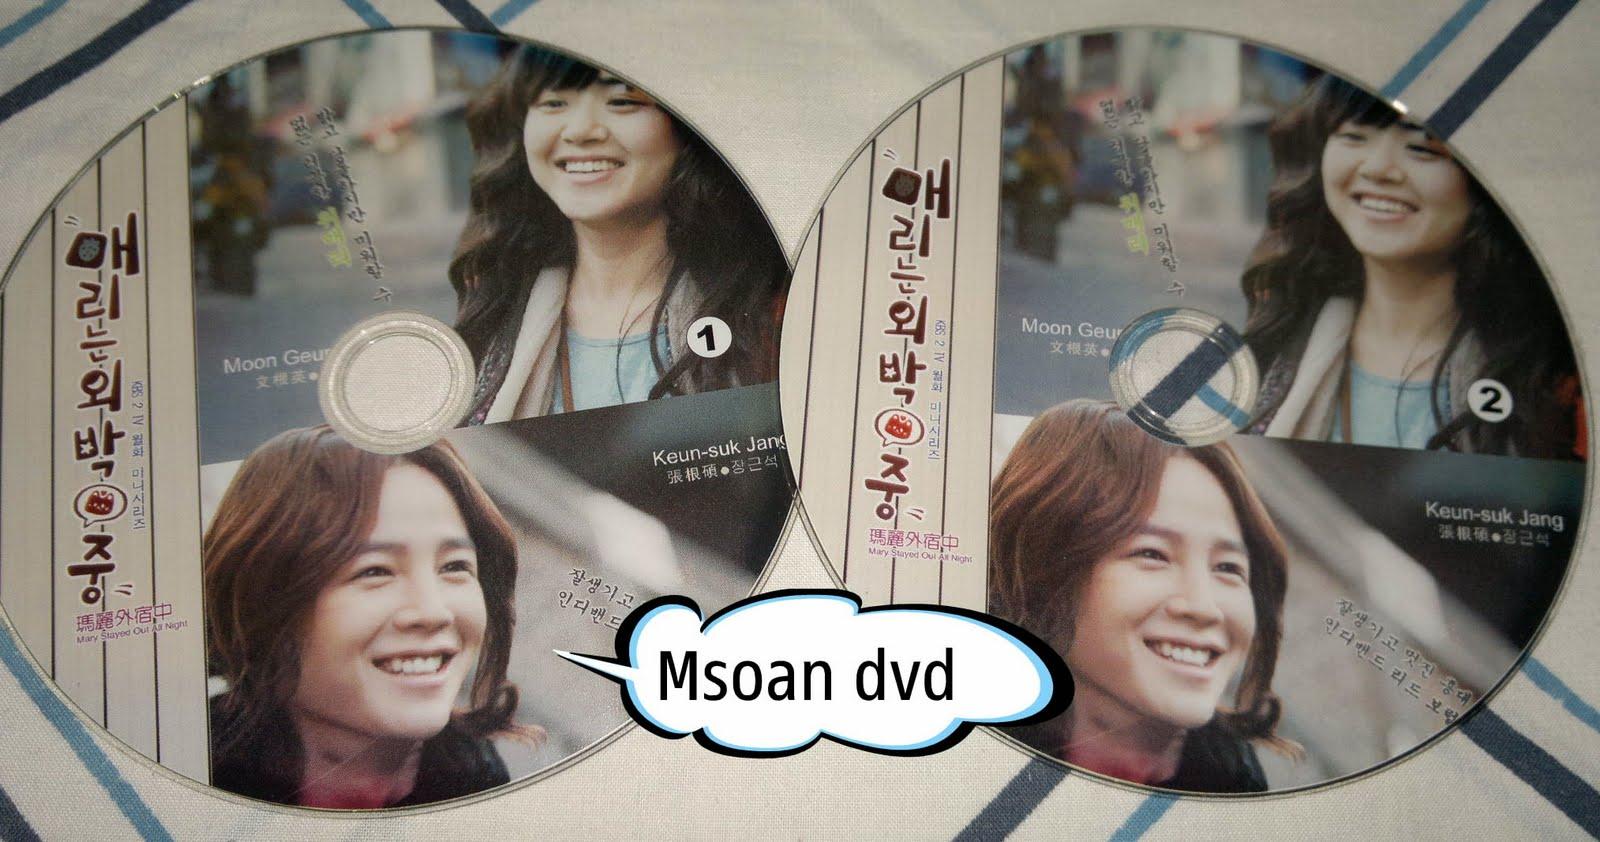 pic Jang keun suk stuff Jang Geun Suk Smile